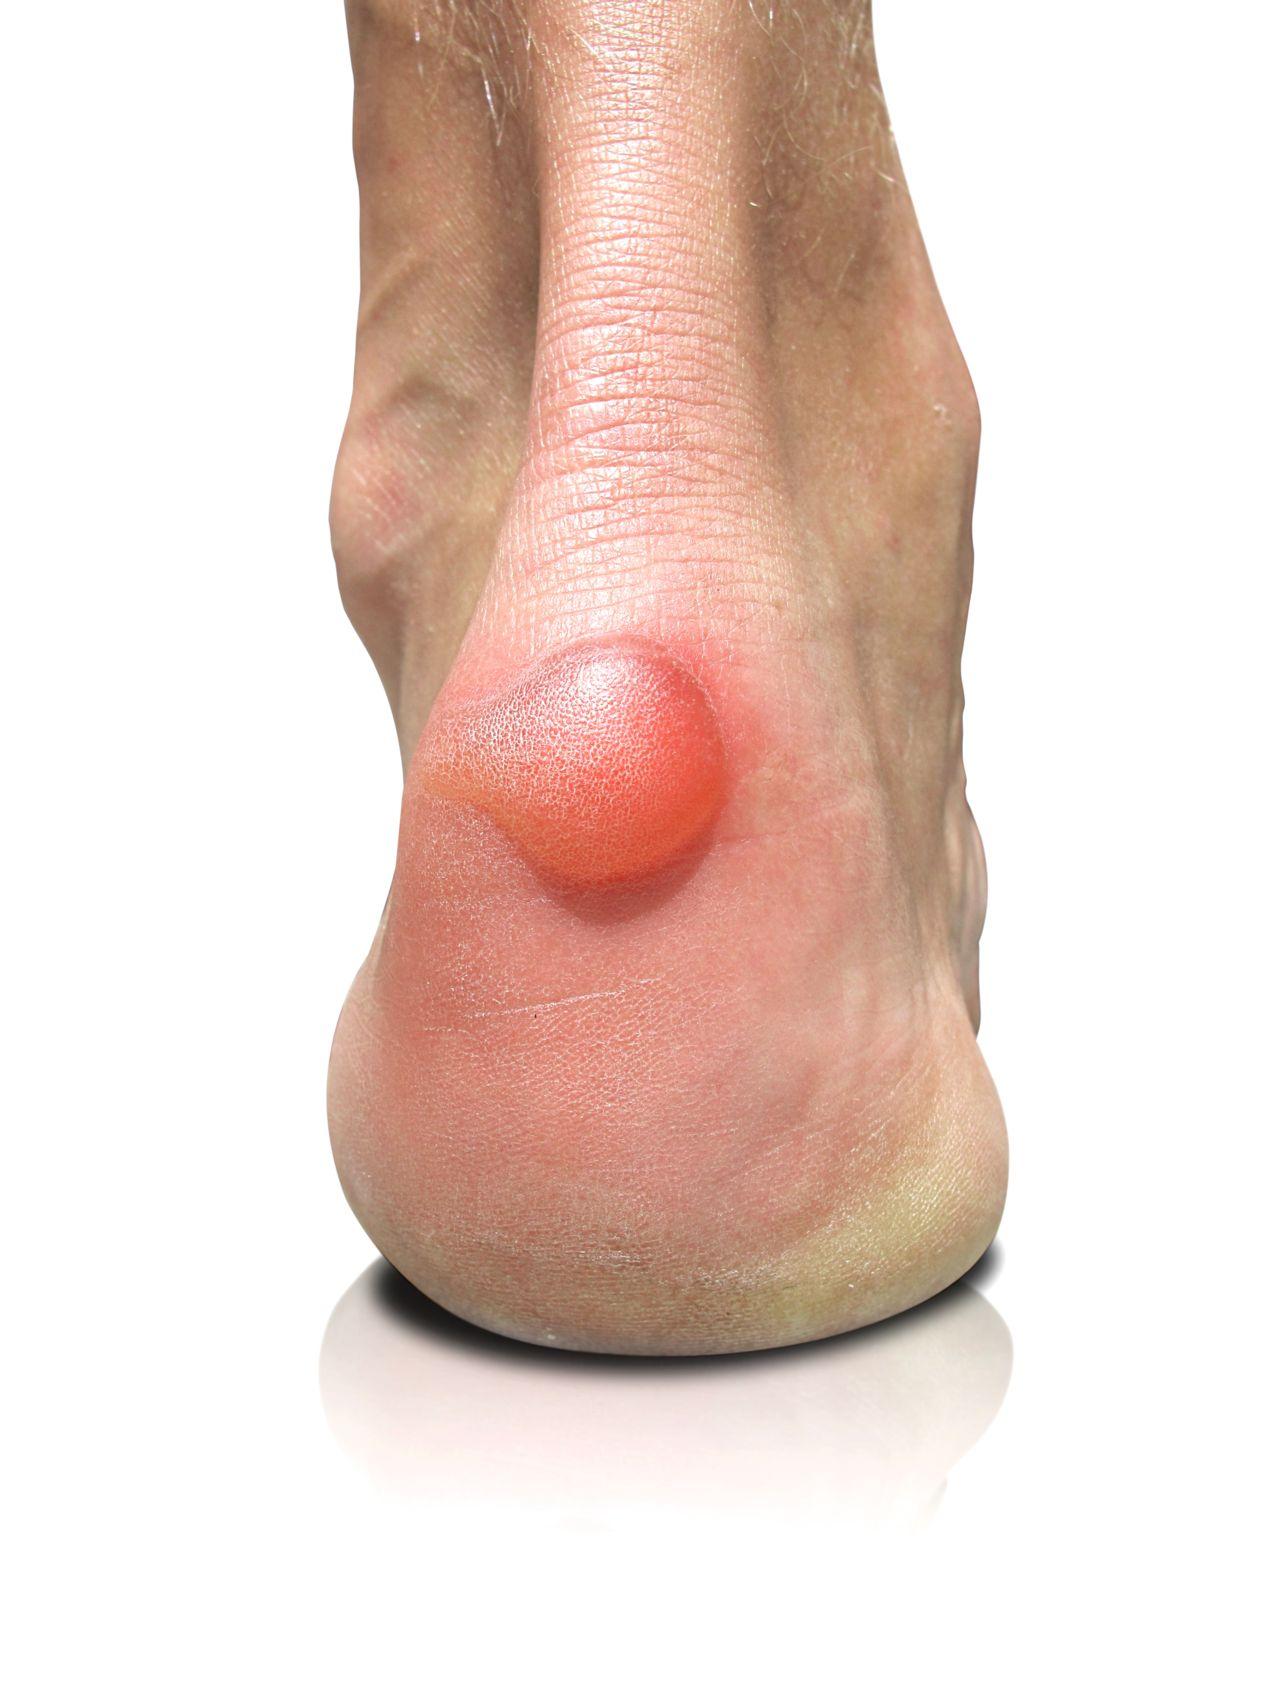 Haglund's Deformity of the Foot | Prairie Path Foot ...